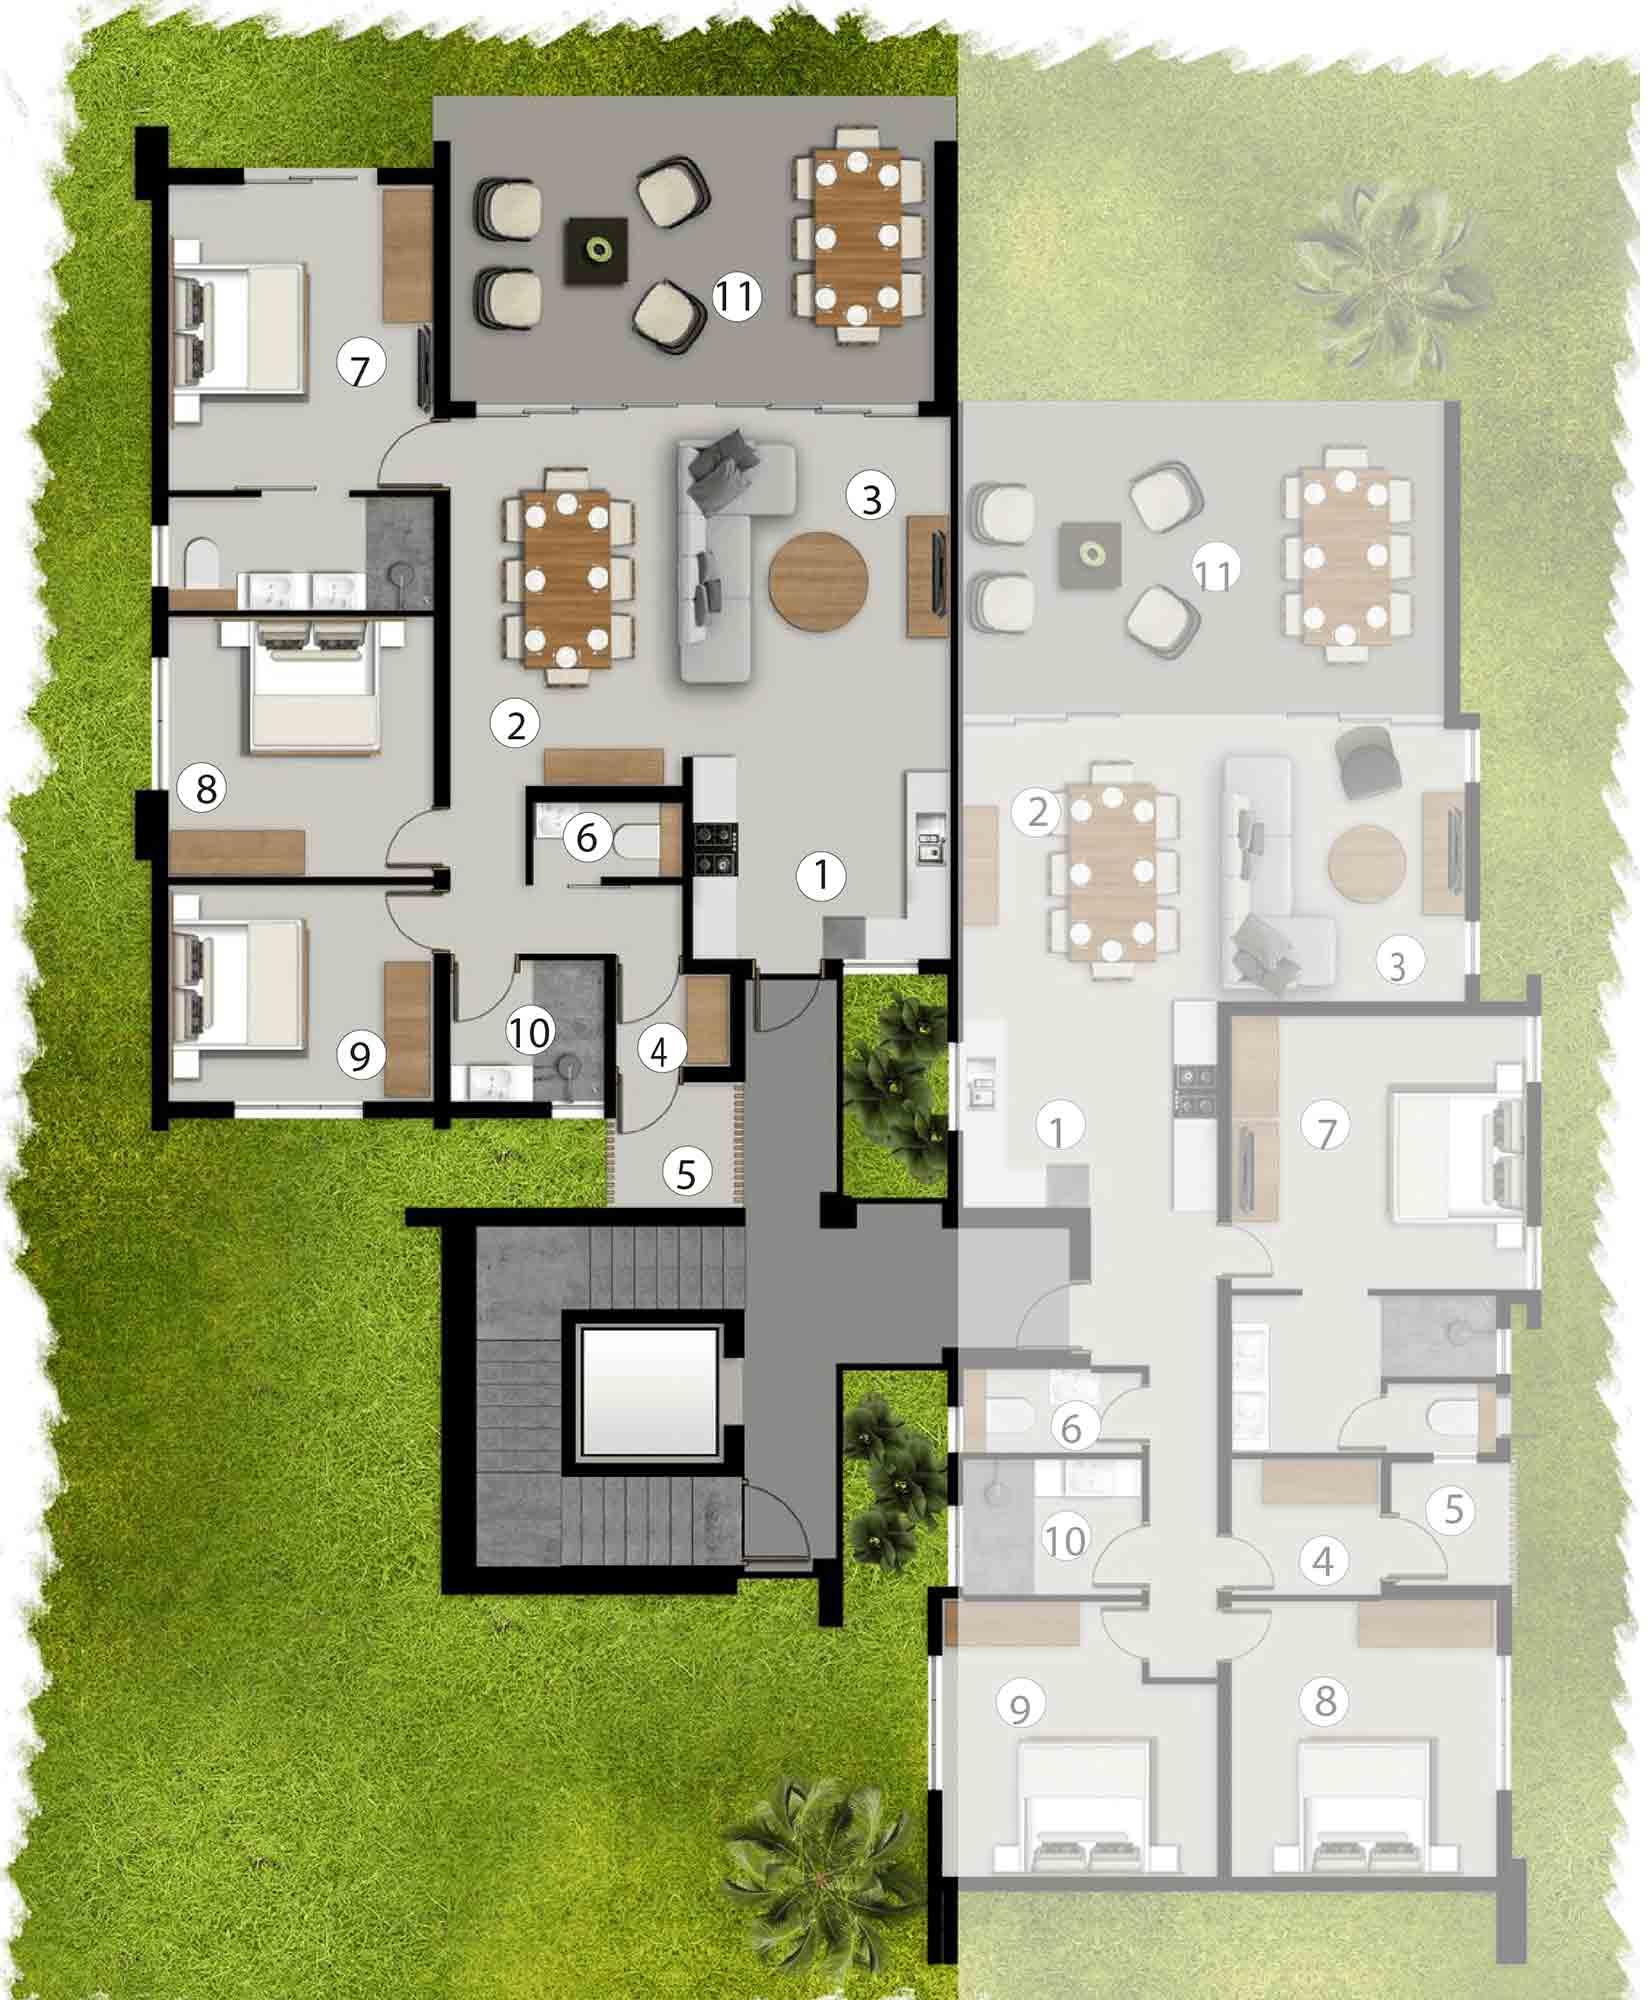 Apartments Ground Floor - AG1/BG2/CG1